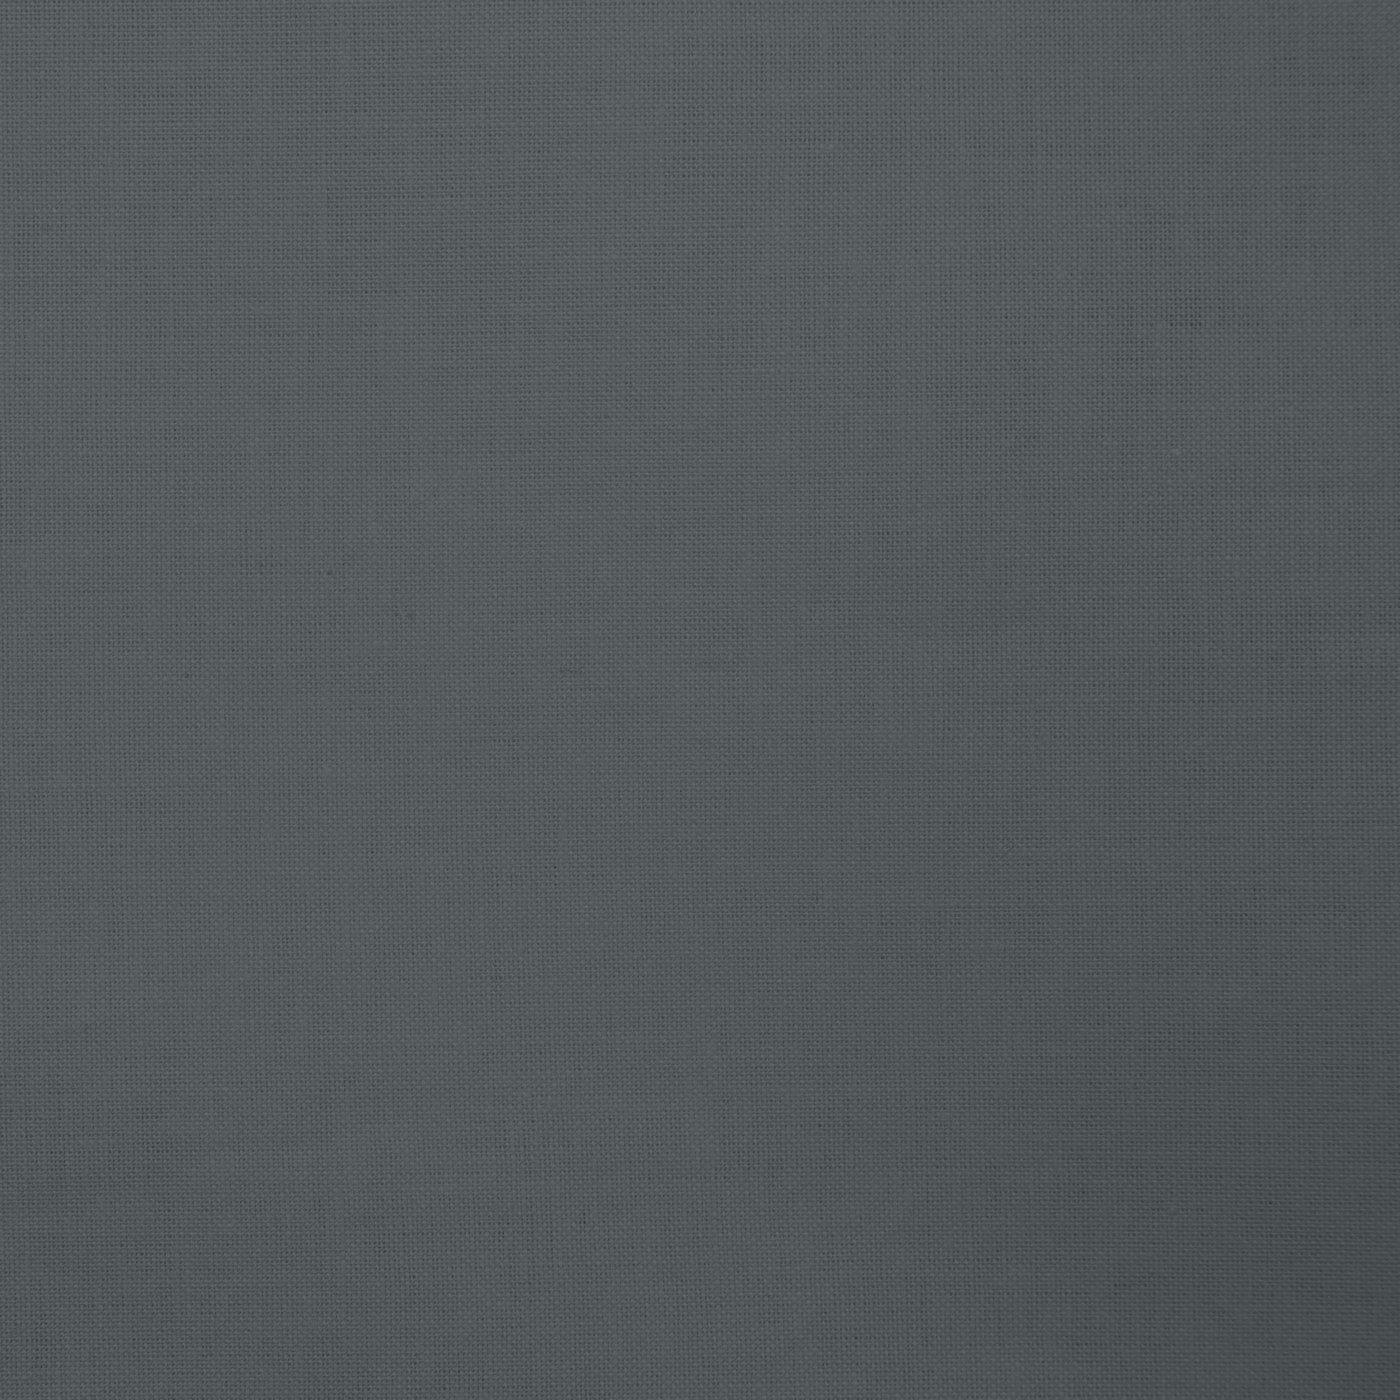 Komplet pościeli bawełnianej 220x200 cm, 2 szt. 70x80 dwustronny srebrno-stalowy